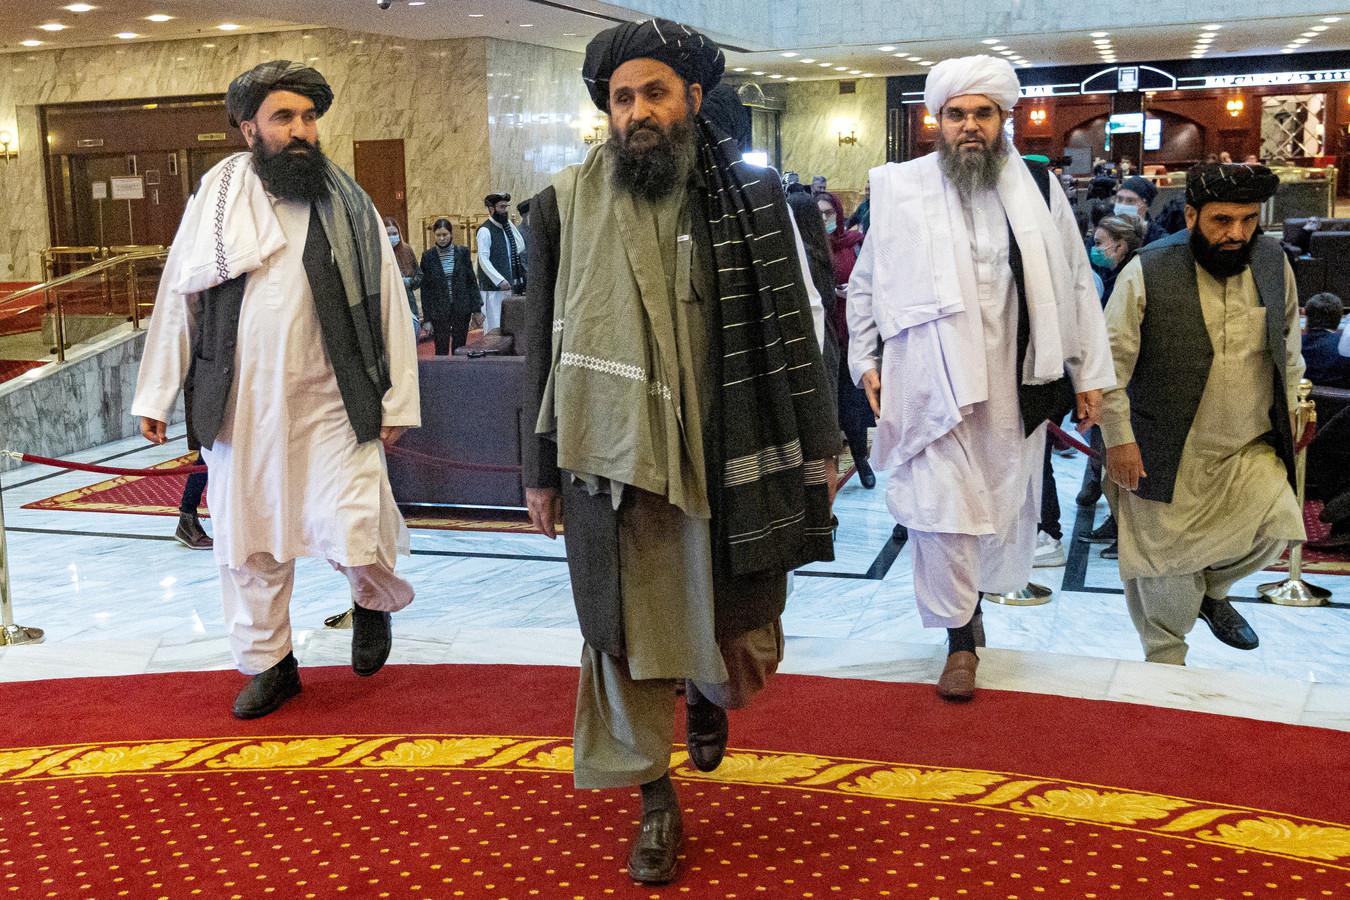 Medeoprichter van de taliban Mullah Abdul Ghani Baradar tijdens de vredesconferentie in Moskou in maart 2021.